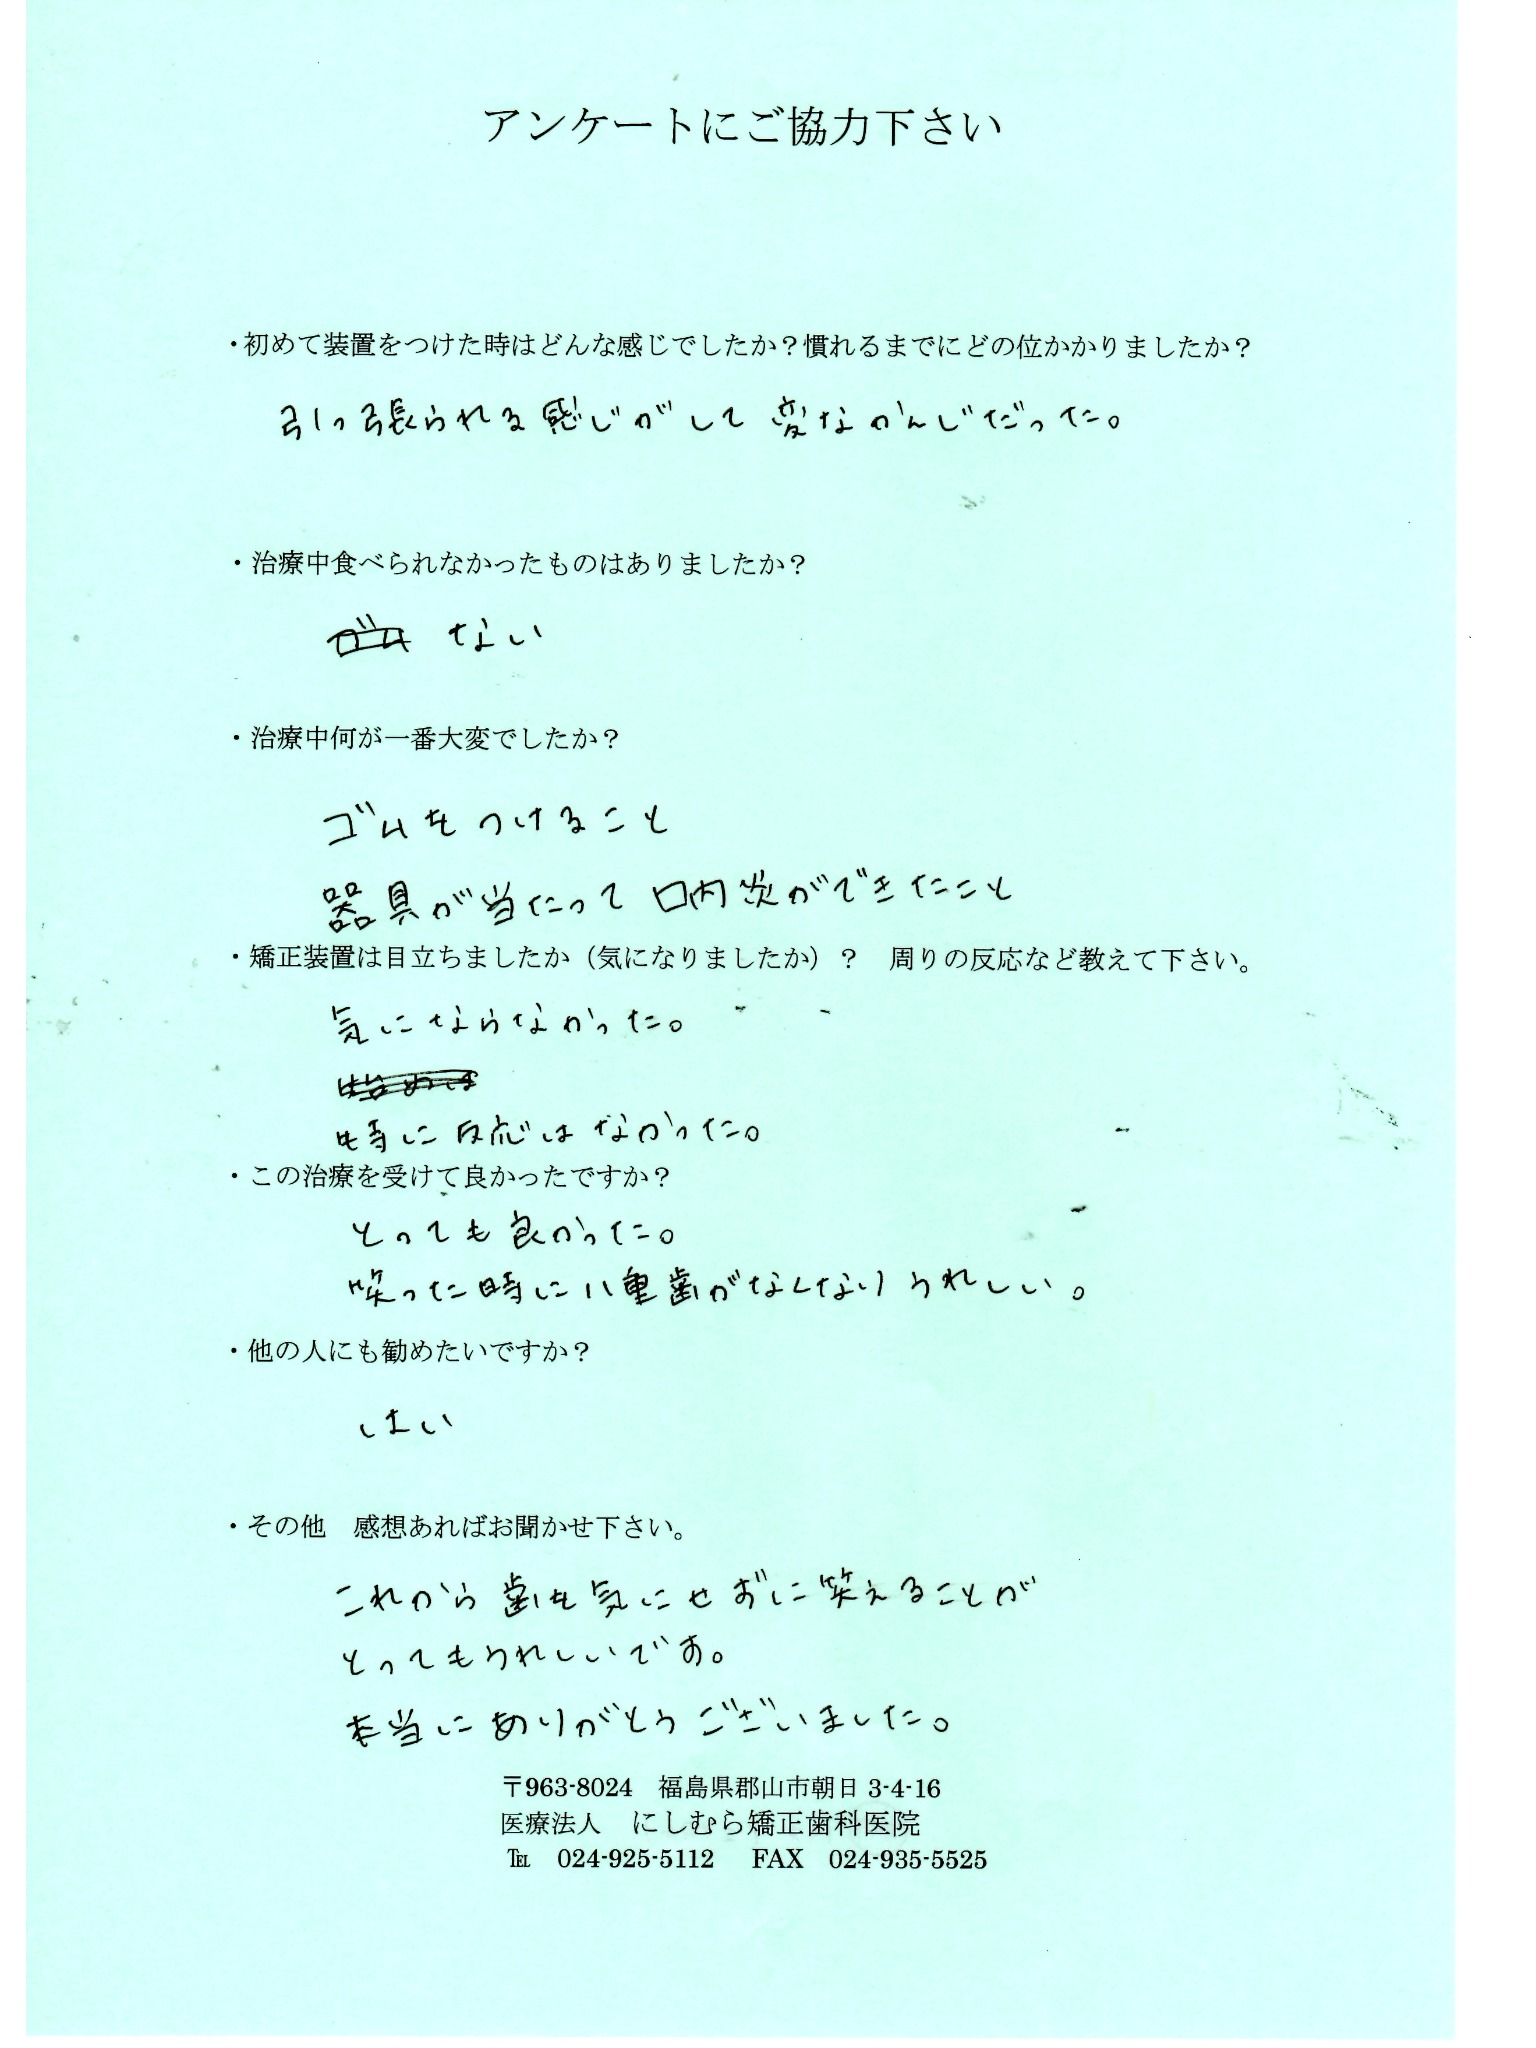 10代 患者様アンケート48